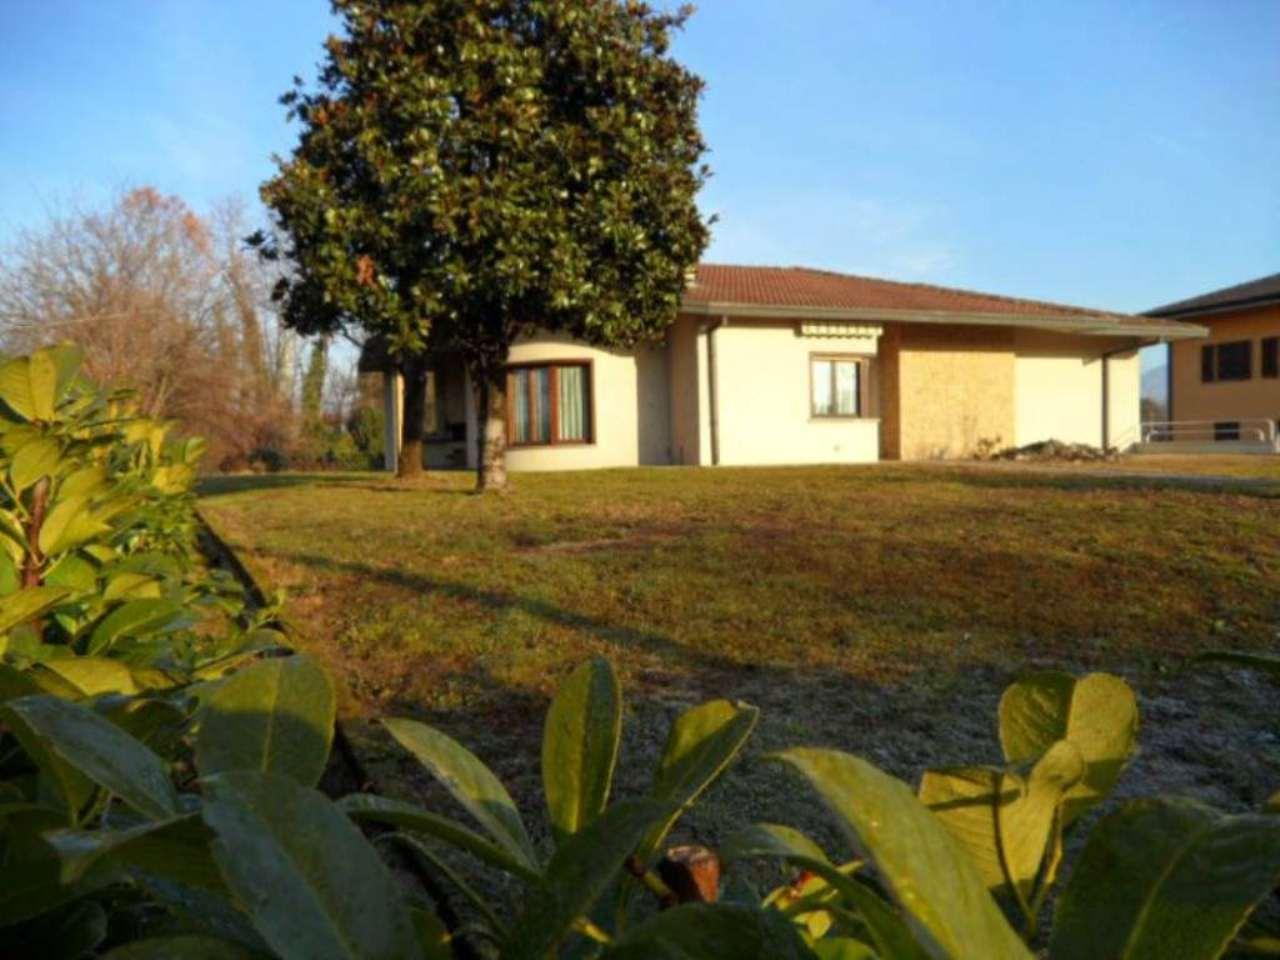 Villa in vendita a Seriate, 4 locali, prezzo € 520.000 | Cambio Casa.it